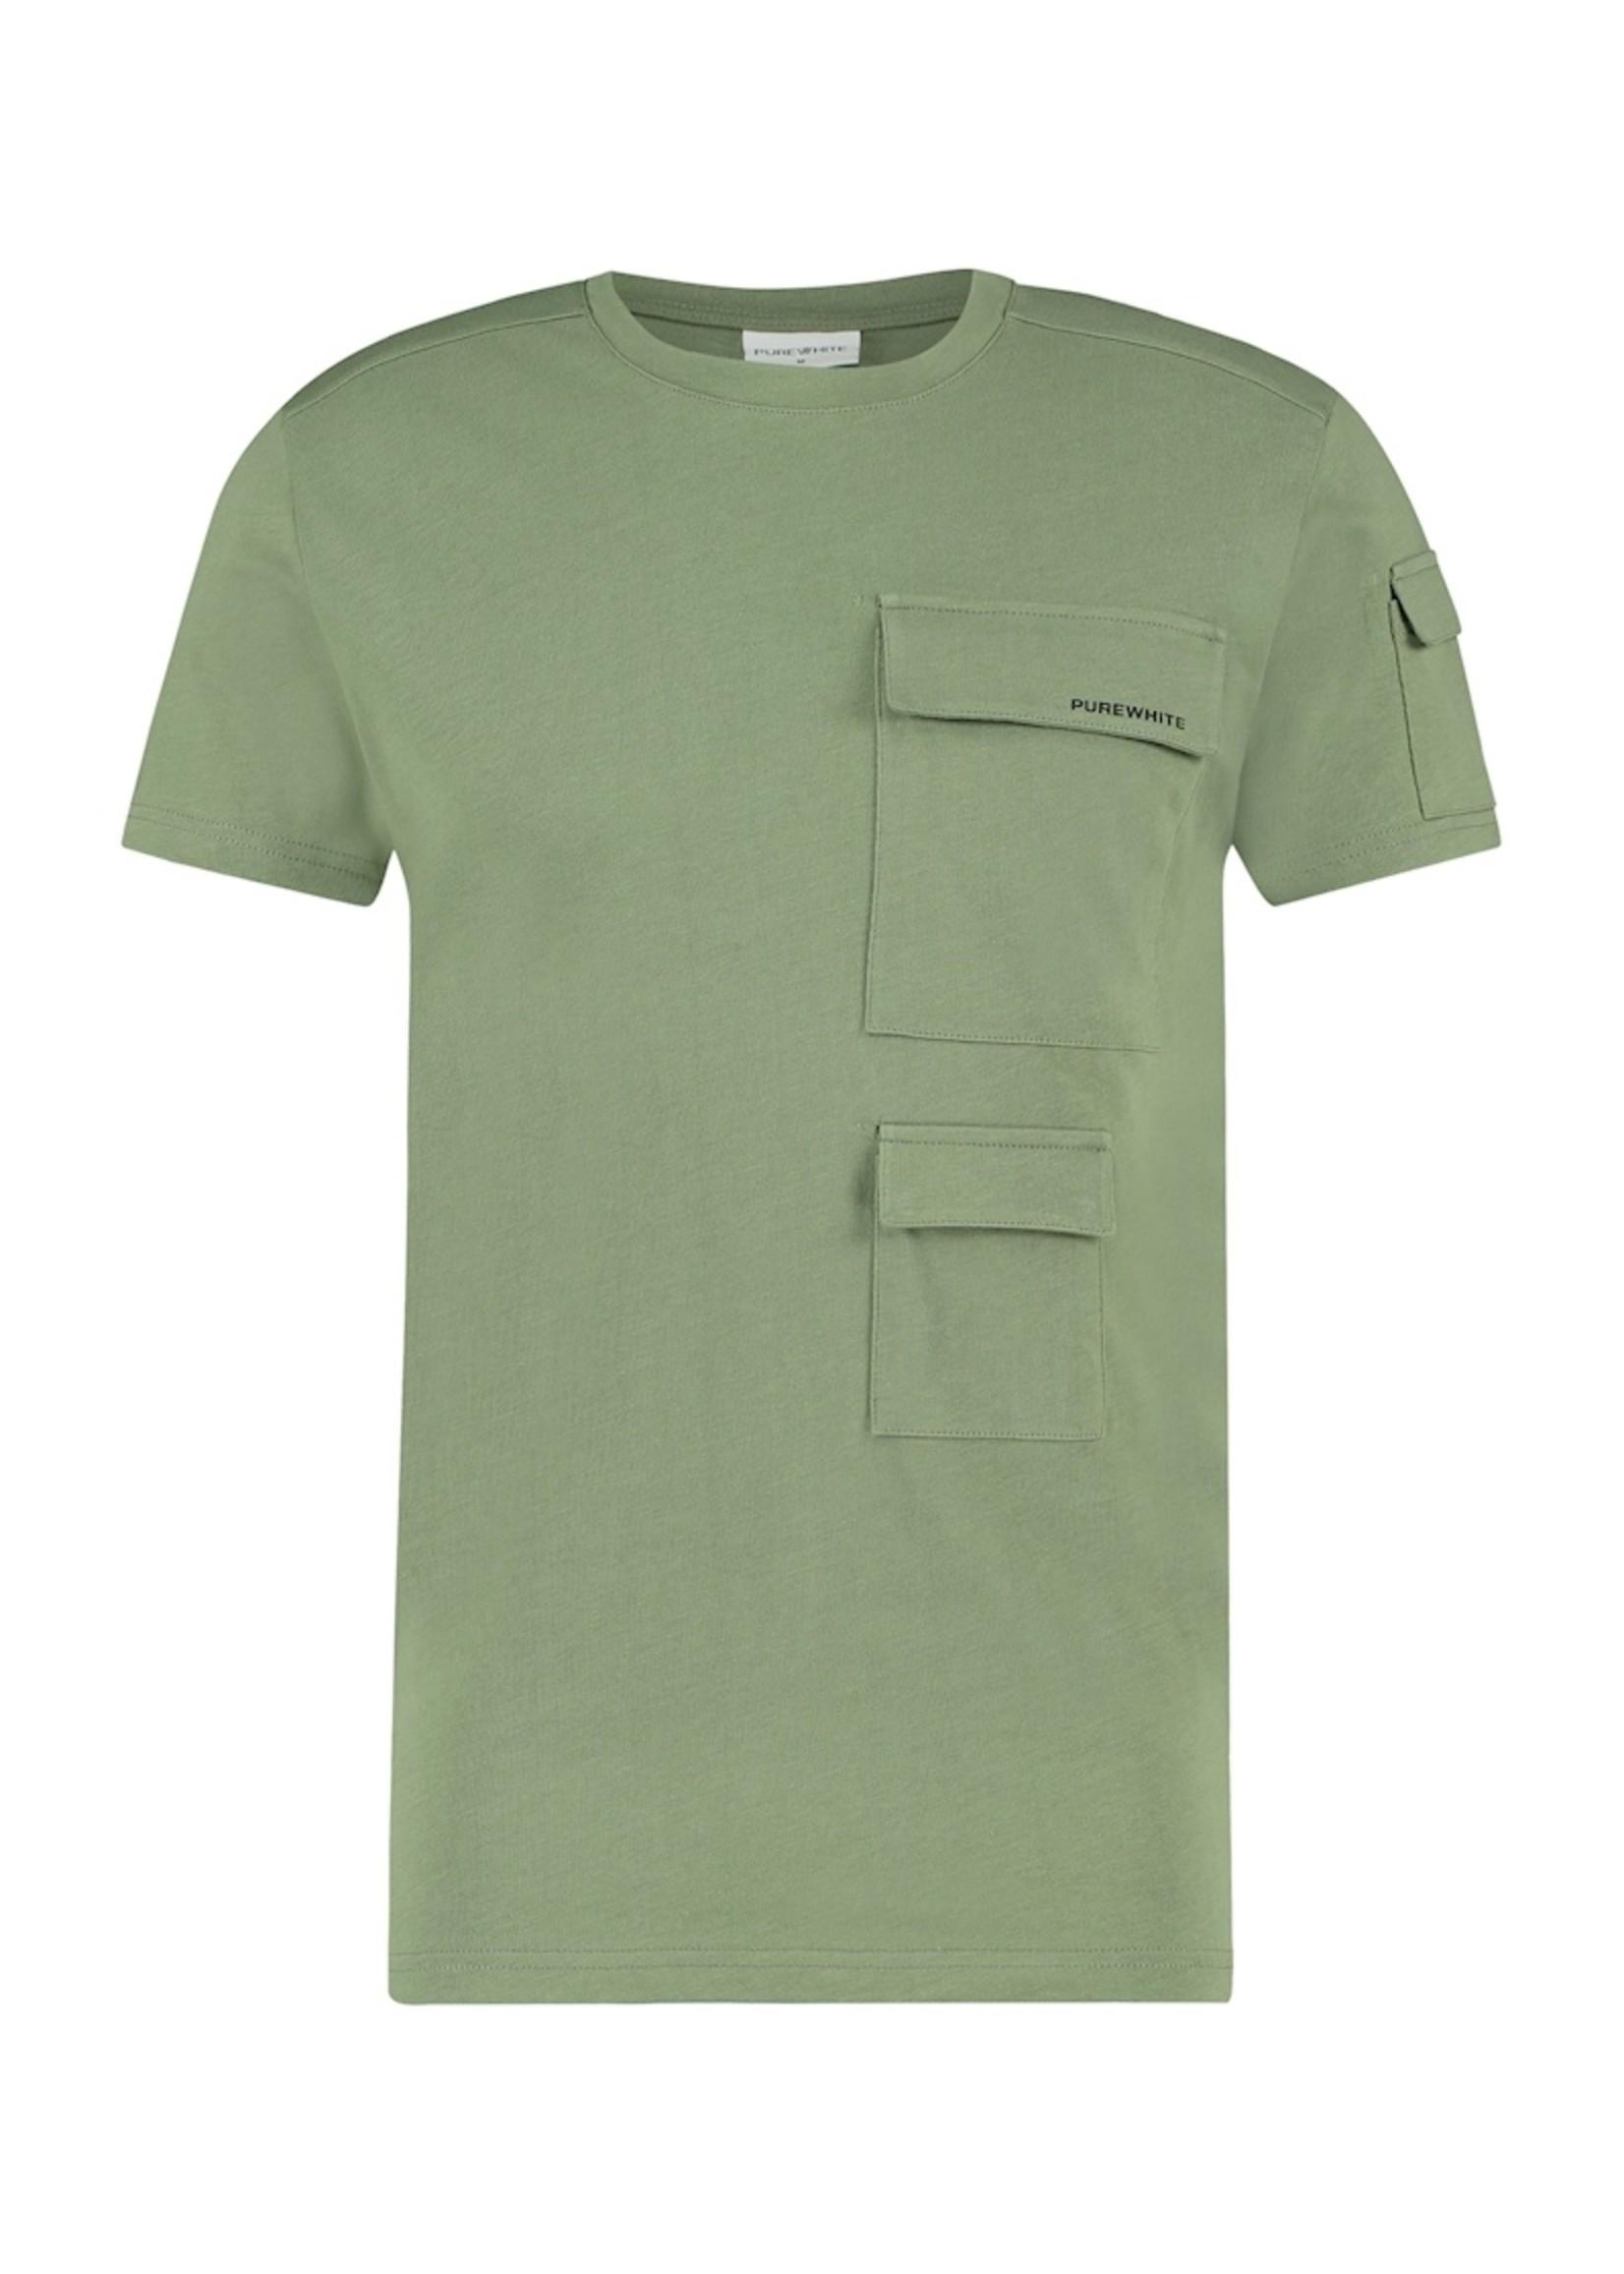 Purewhite T-Shirt Utility Pocket - Army